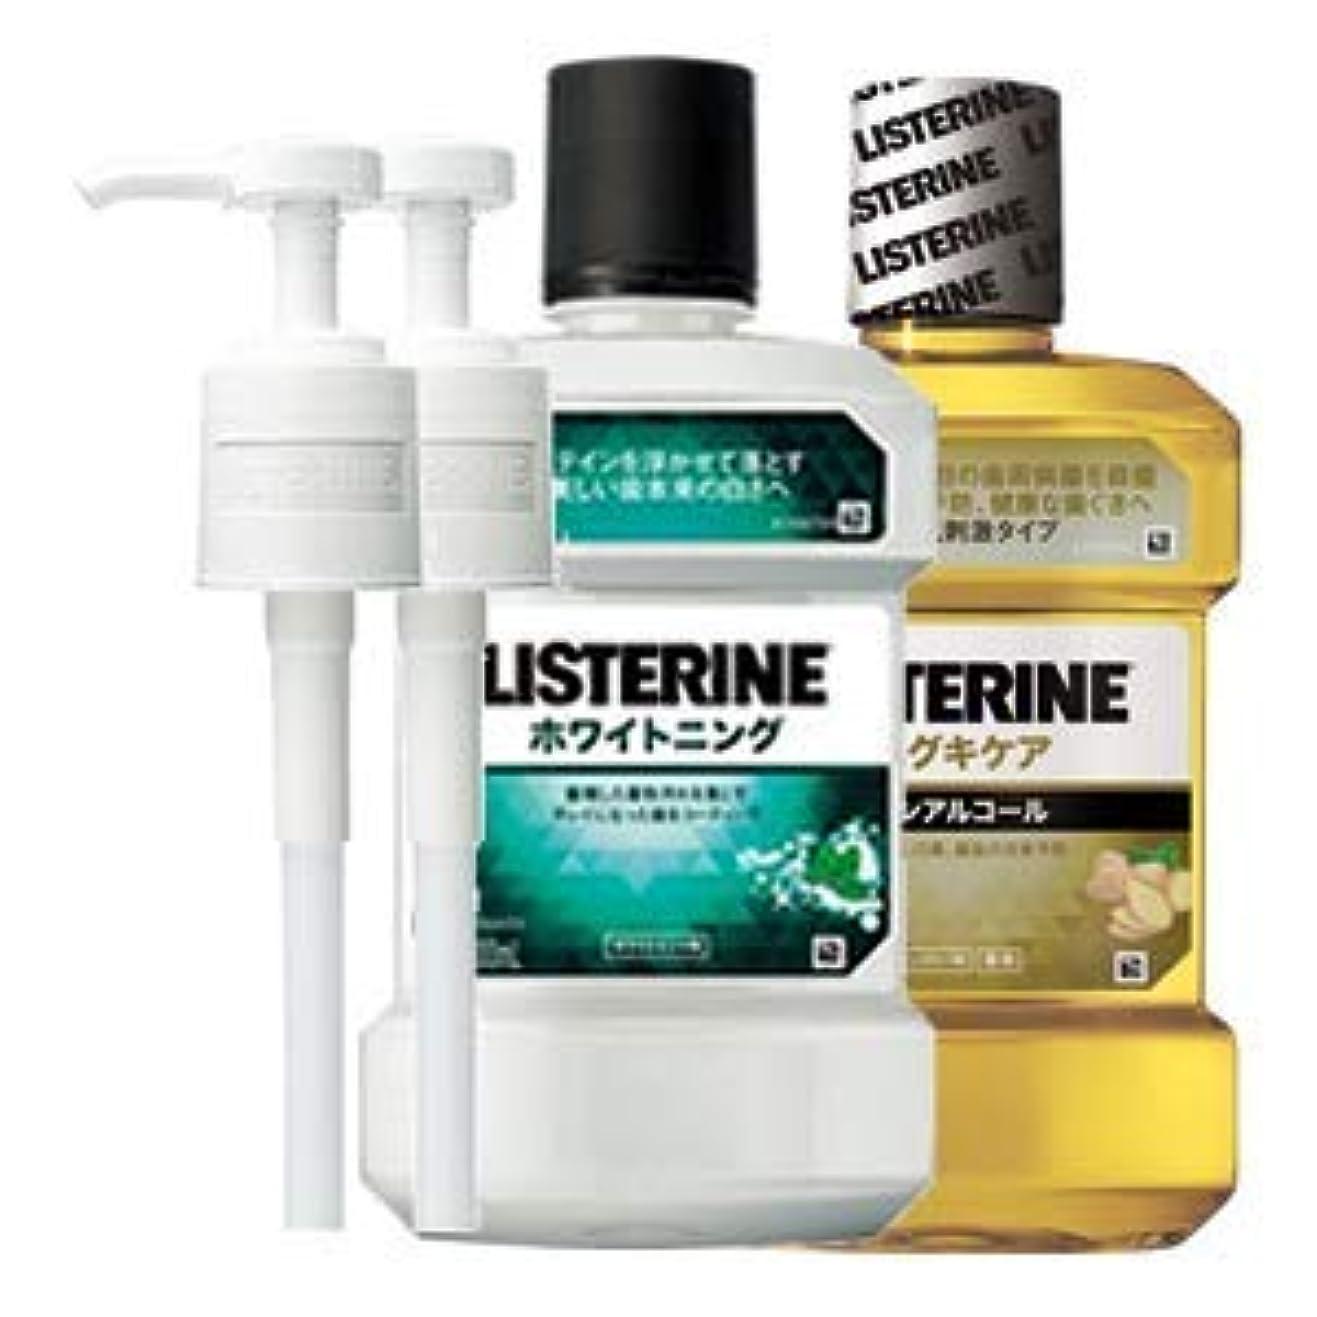 相互構造的ばかげている薬用 リステリン ホワイトニング ハグキケア 1000mL 2点セット (ポンプ付)